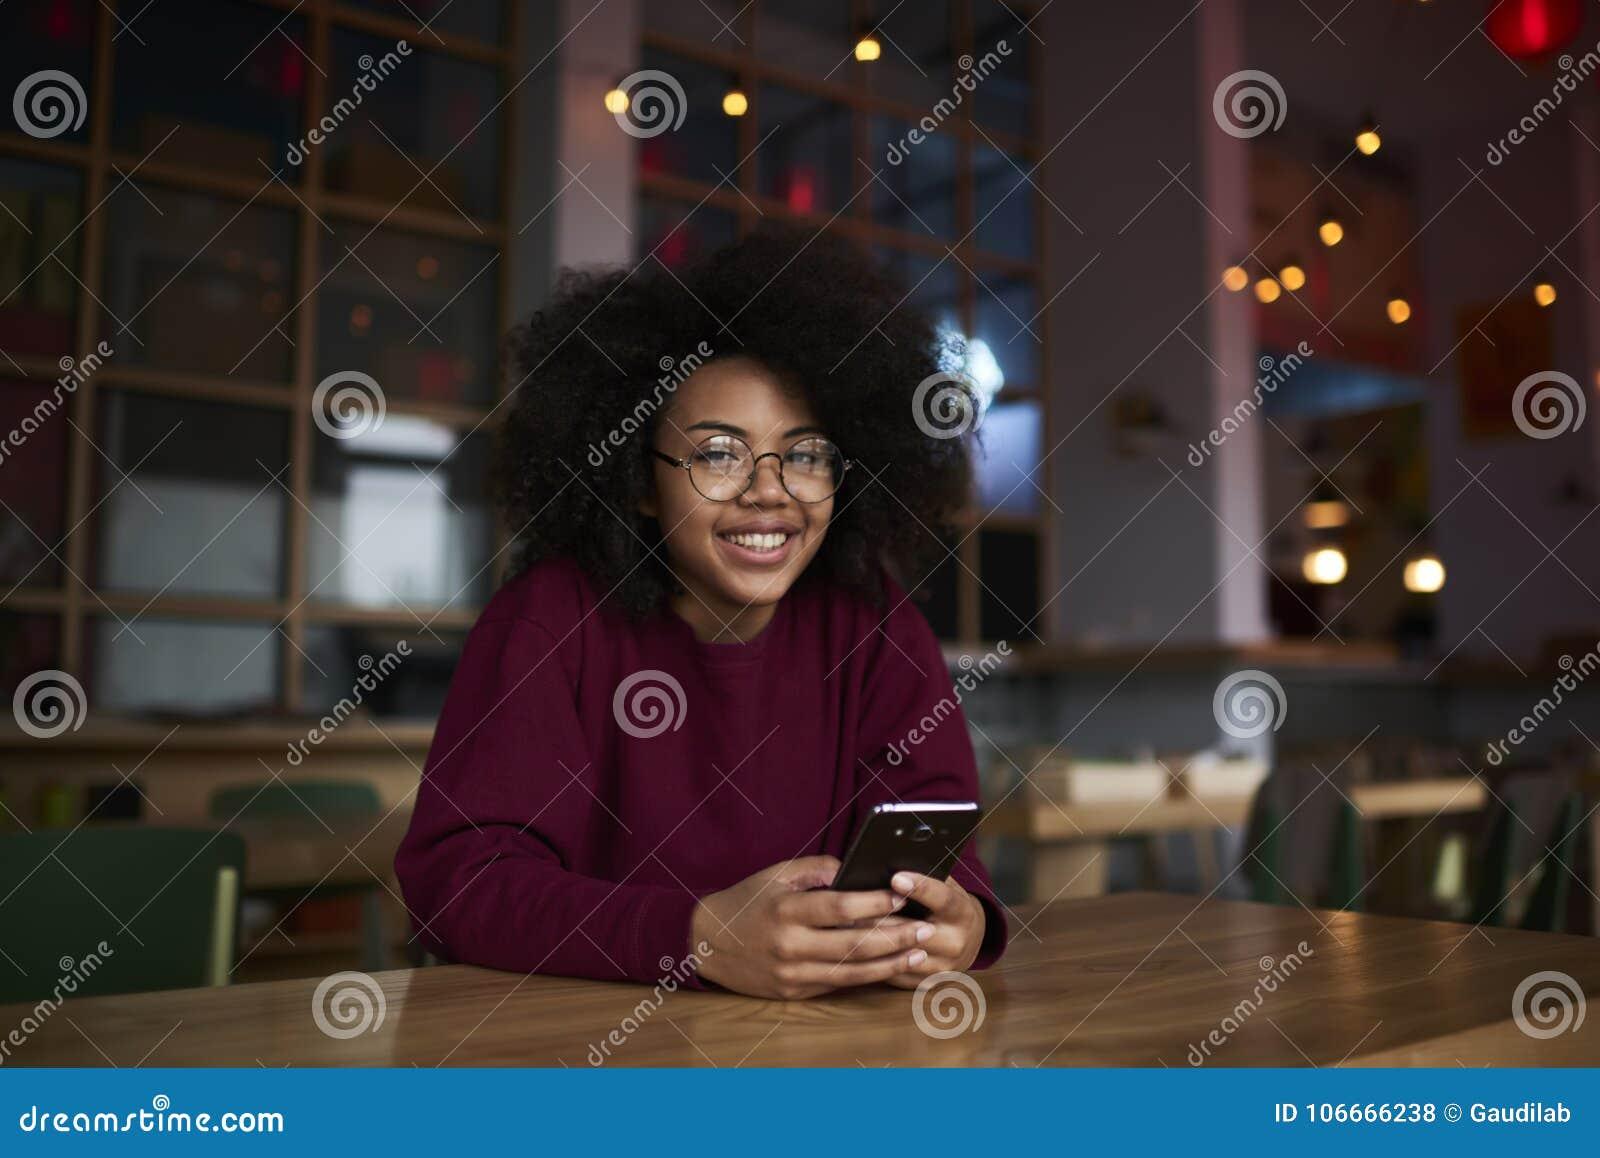 Американская девушка блоггер